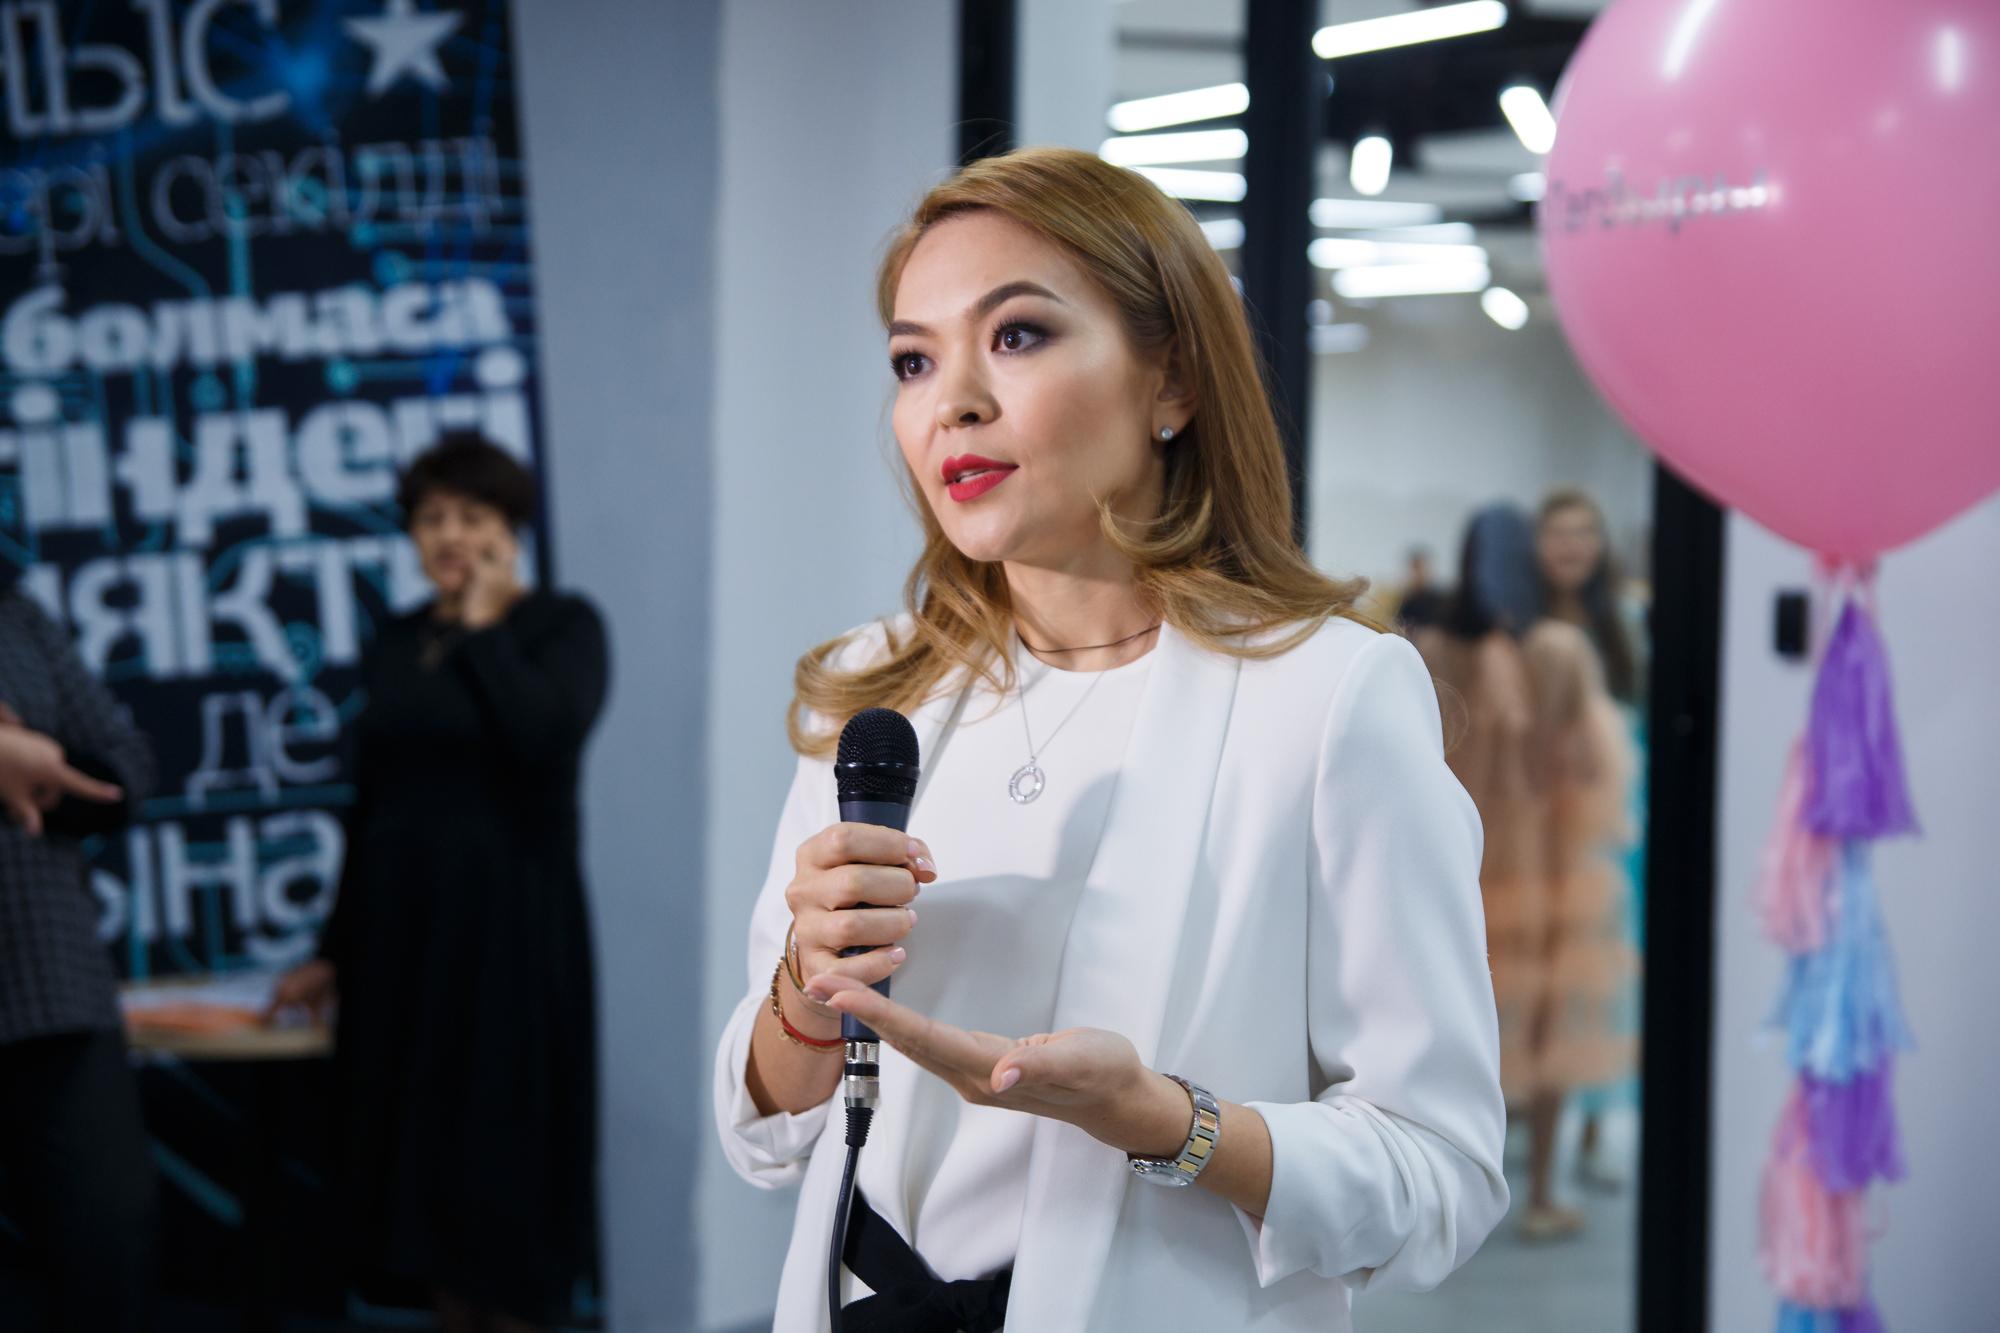 Ақмаржан Көшербаева (Kaliya)